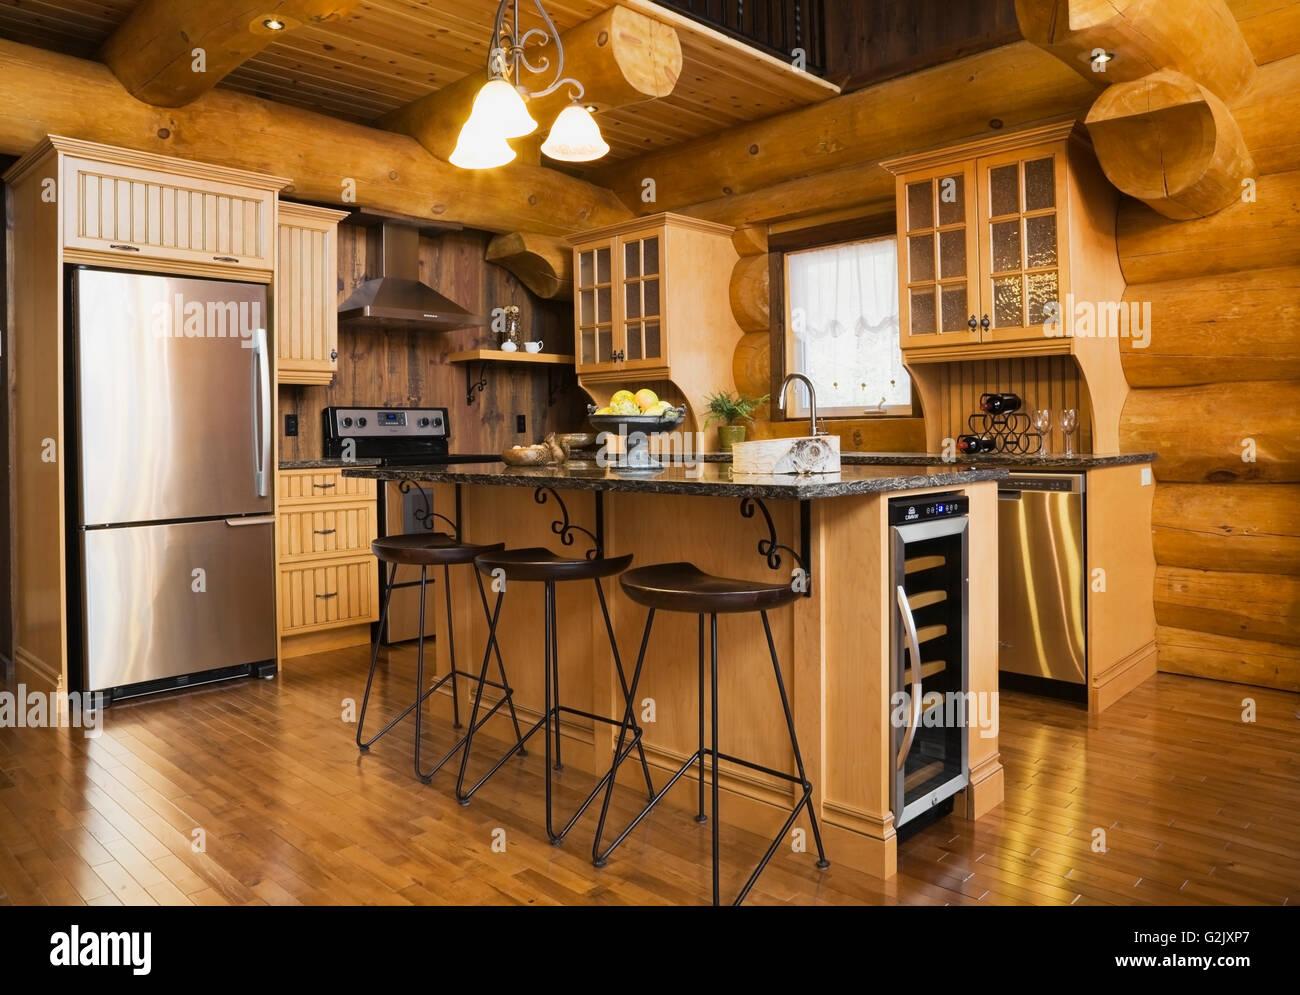 Cocina encimeras de cuarzo isla taburetes dentro de un lujoso estilo ...